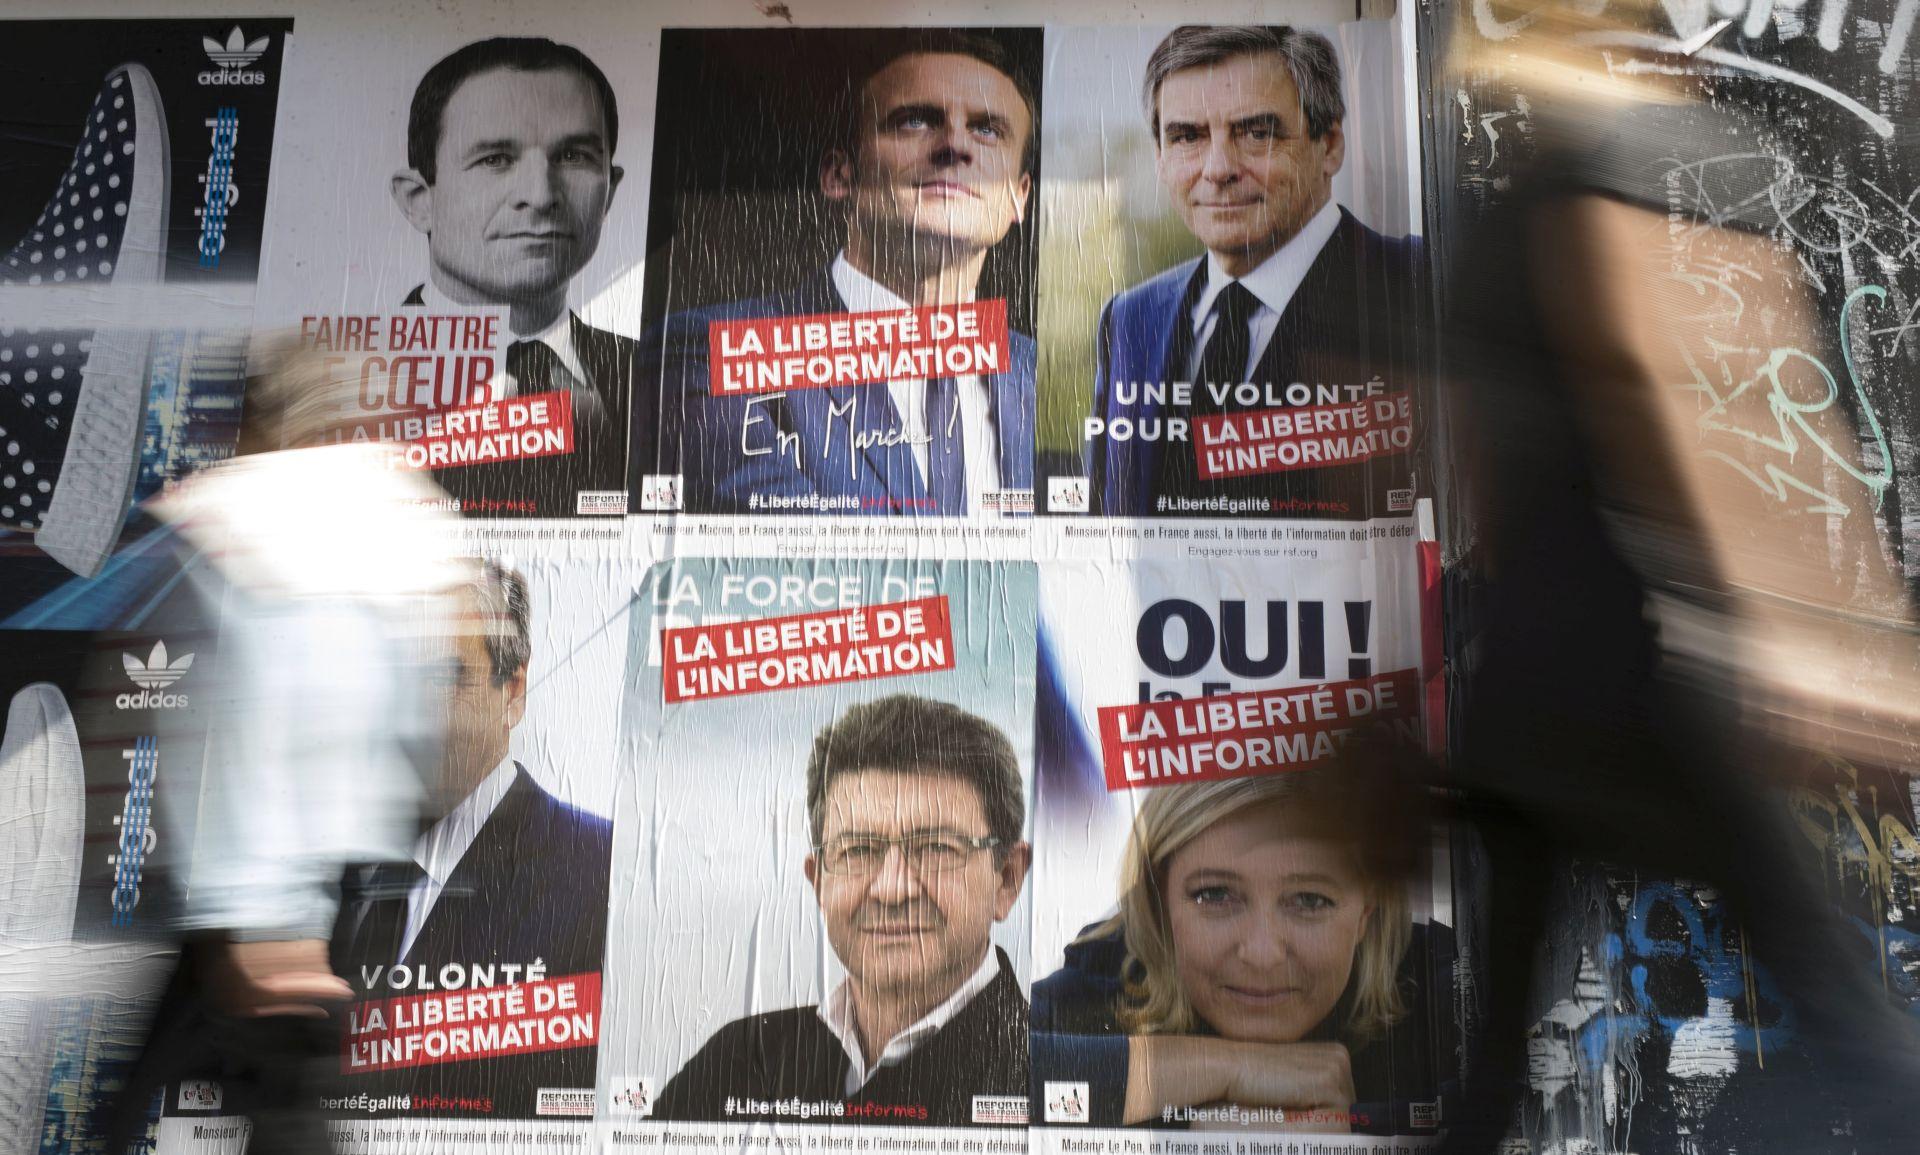 Četvero kandidata za francuske predsjedničke izbore gotovo u mrtvoj trci